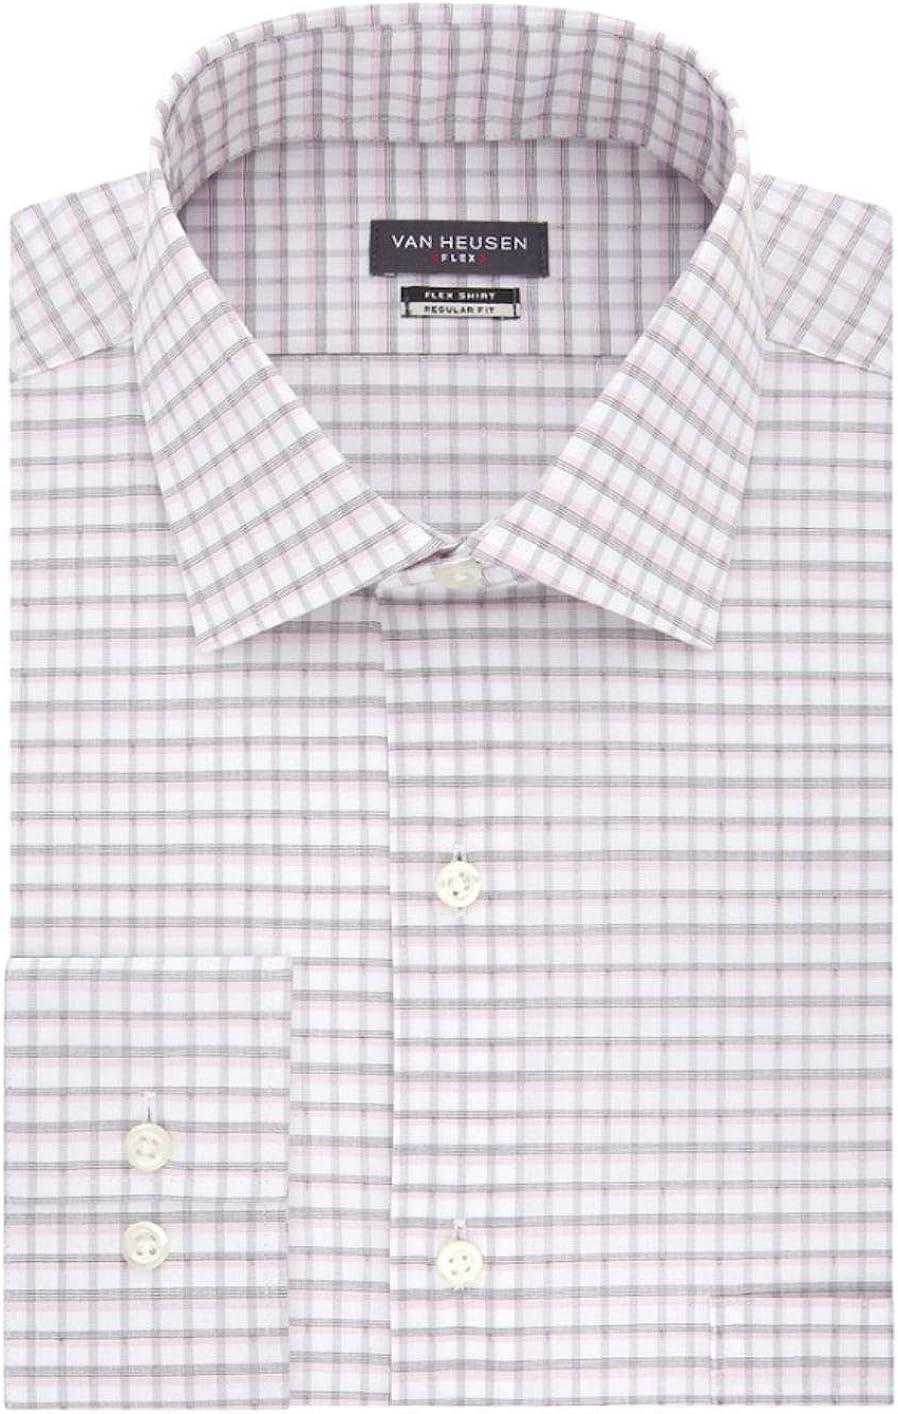 Van Heusen Men's Flex Collar Regular-Fit Stretch Dress Shirt (Pink Multi, Neck 15.5 Sleeve 32-33)